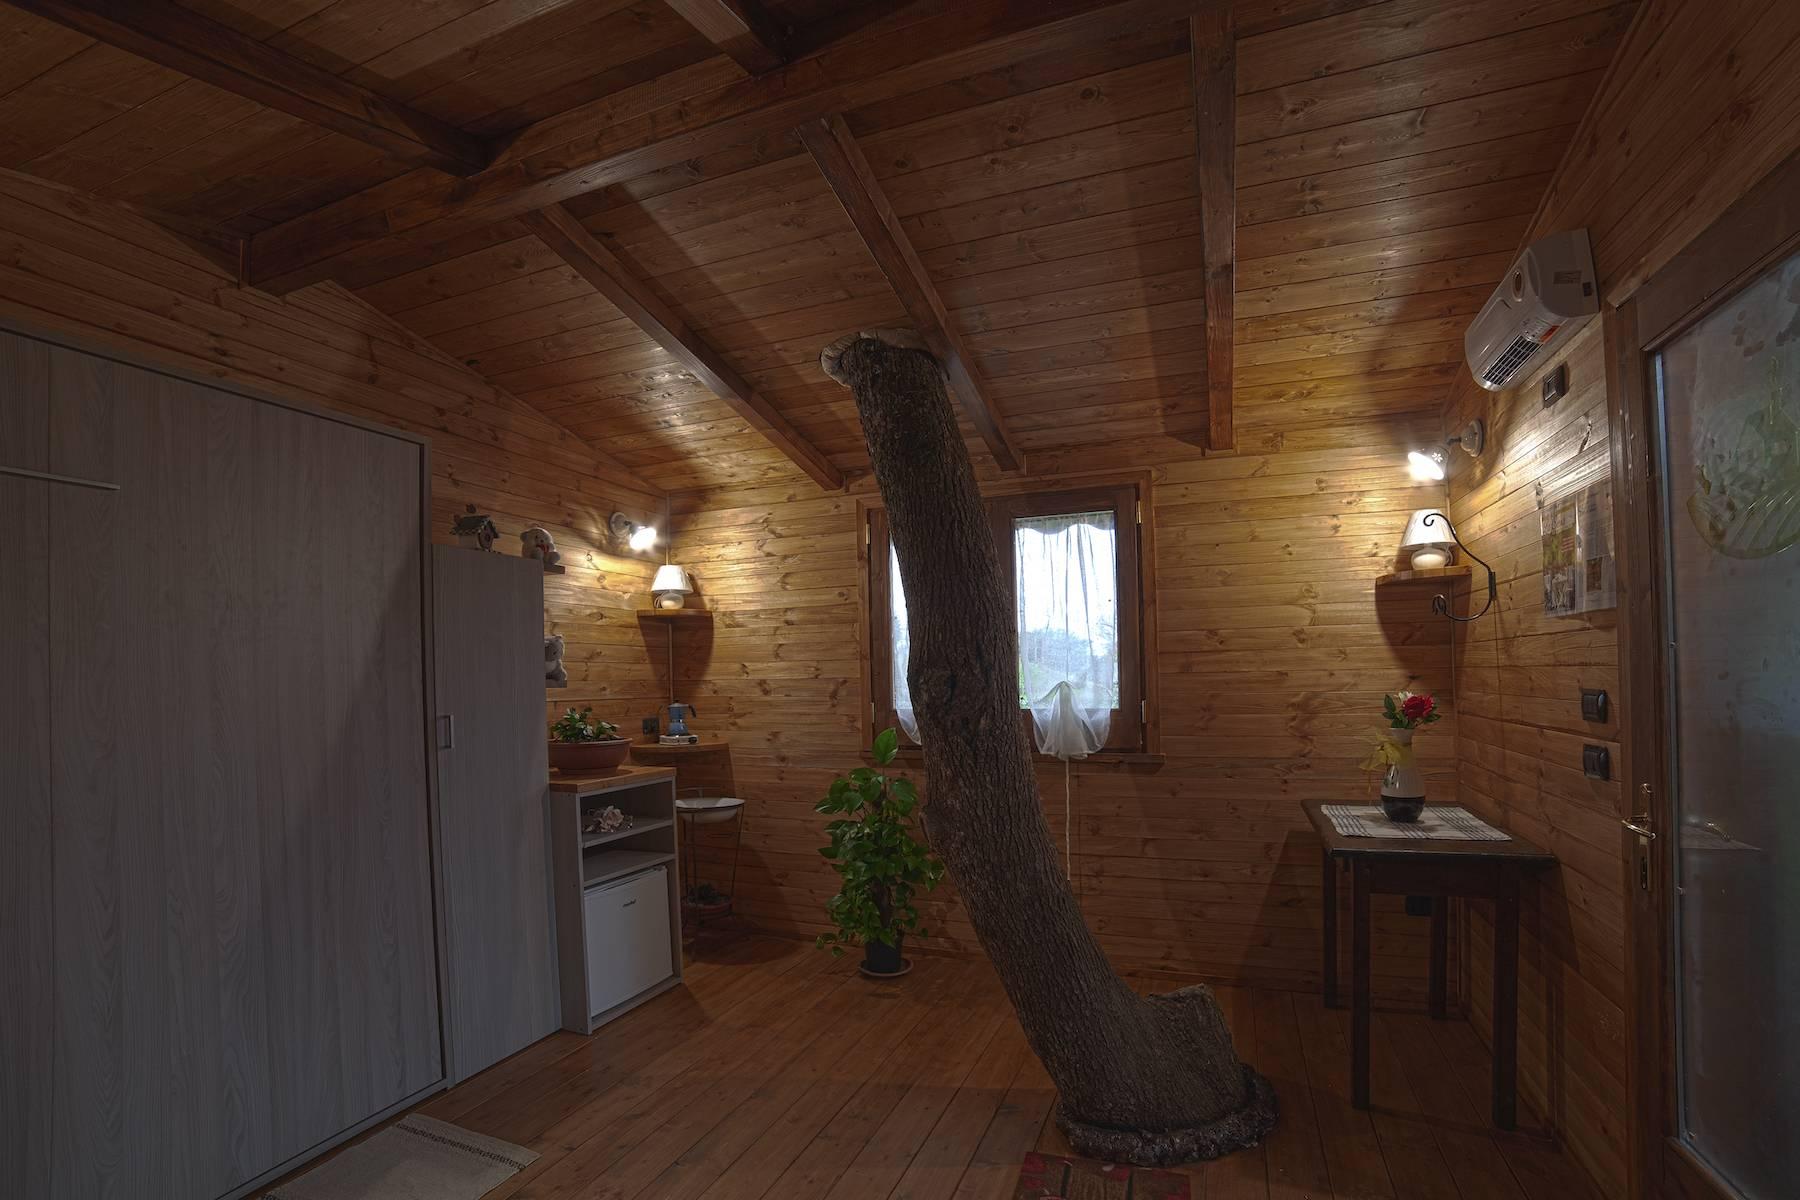 Casa sull'albero interni con tronco